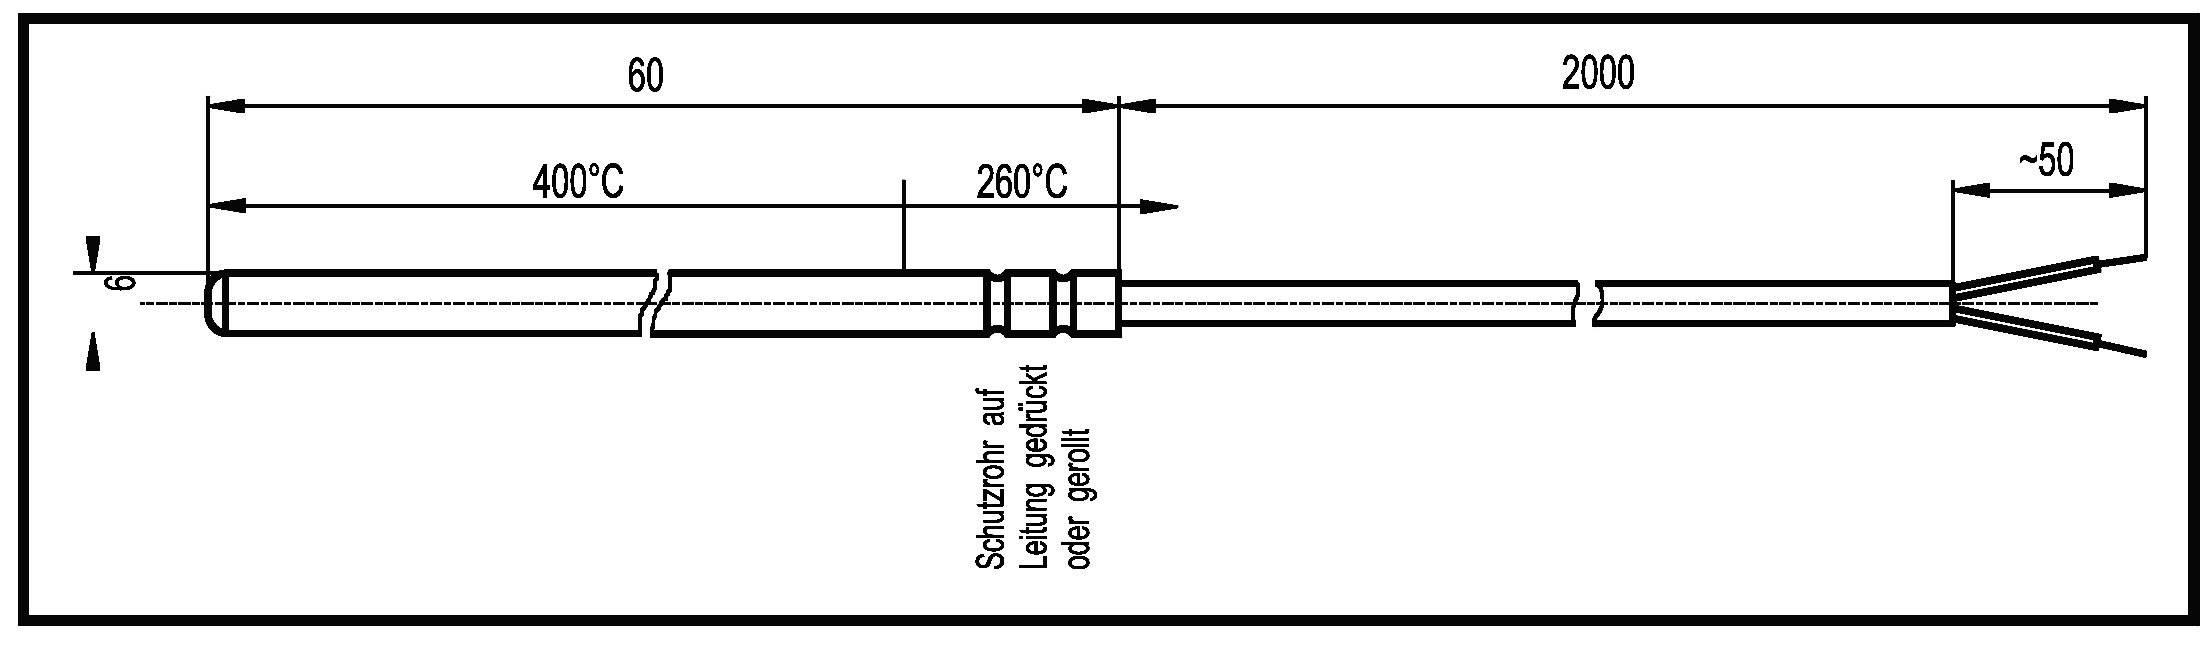 Teplotný článok Enda K1-TC-J-600, -50 do 600 °C, 2 m, 6 mm